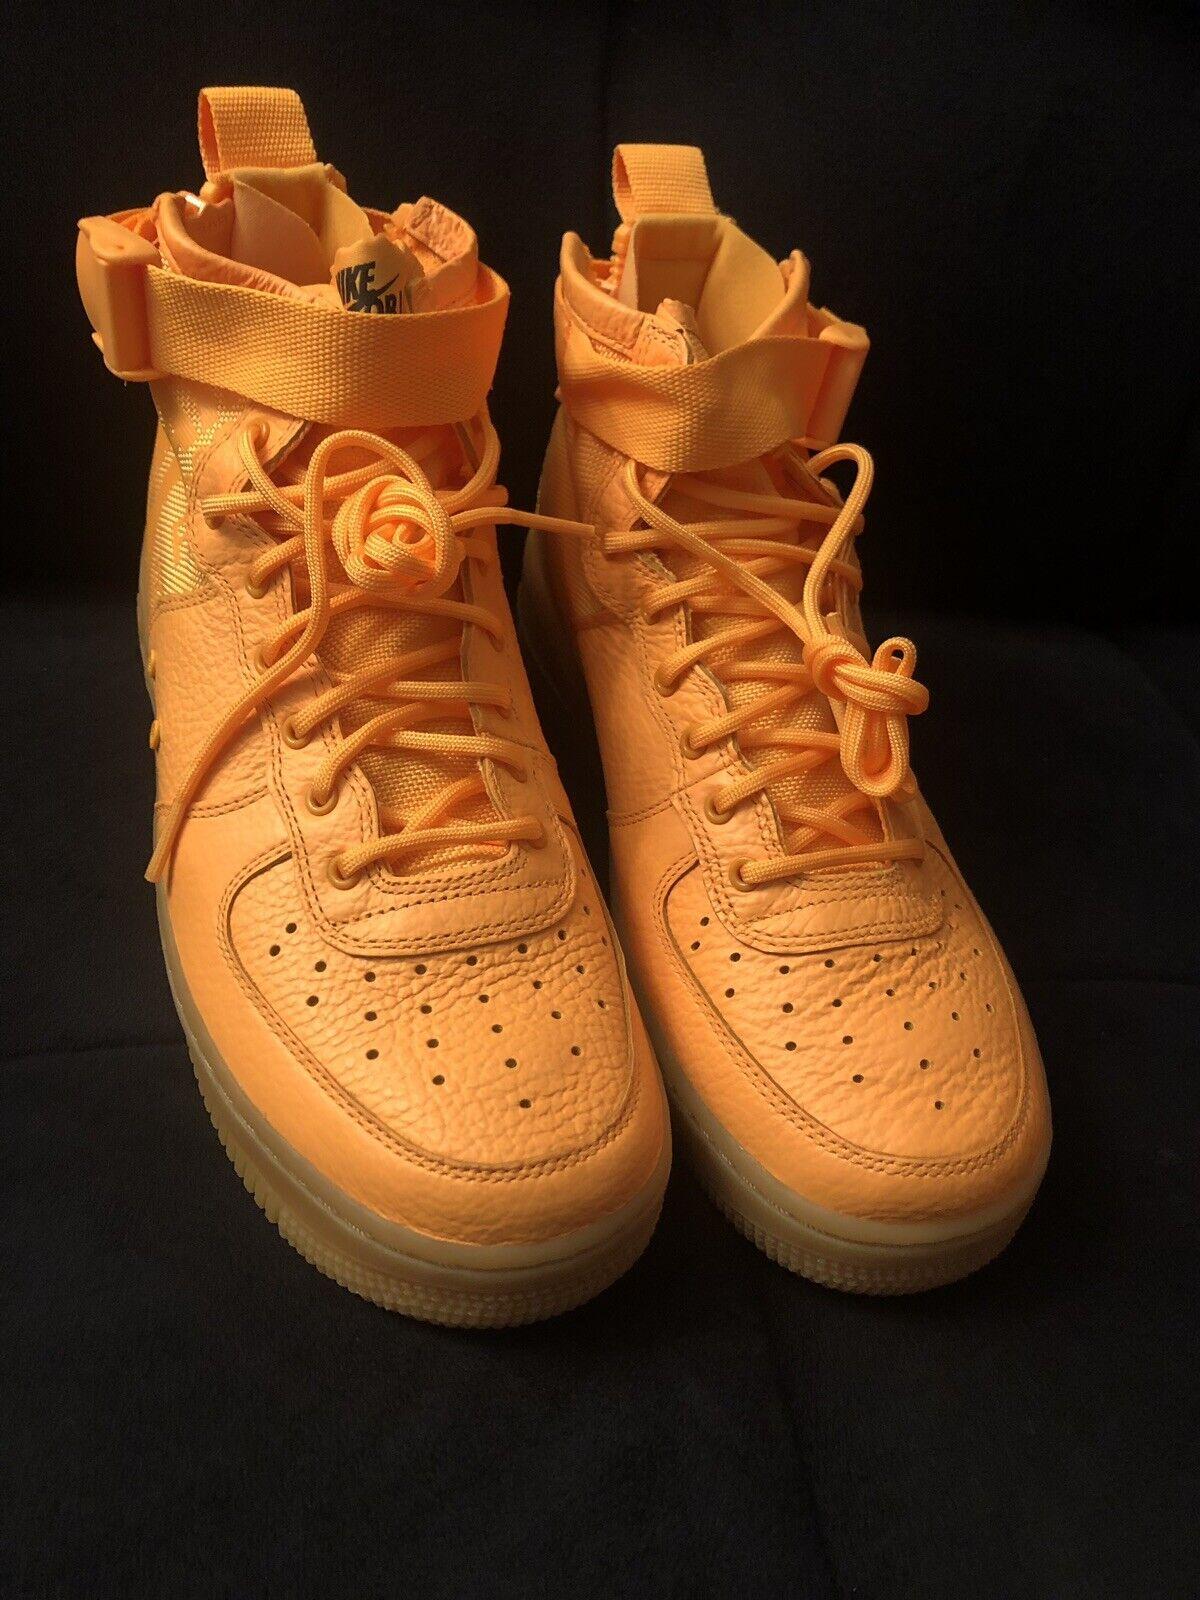 best website 35b44 725a7 Nike SF Af1 Special Air Force 1 Mid Obj Odell Beckham Jr Laser Orange